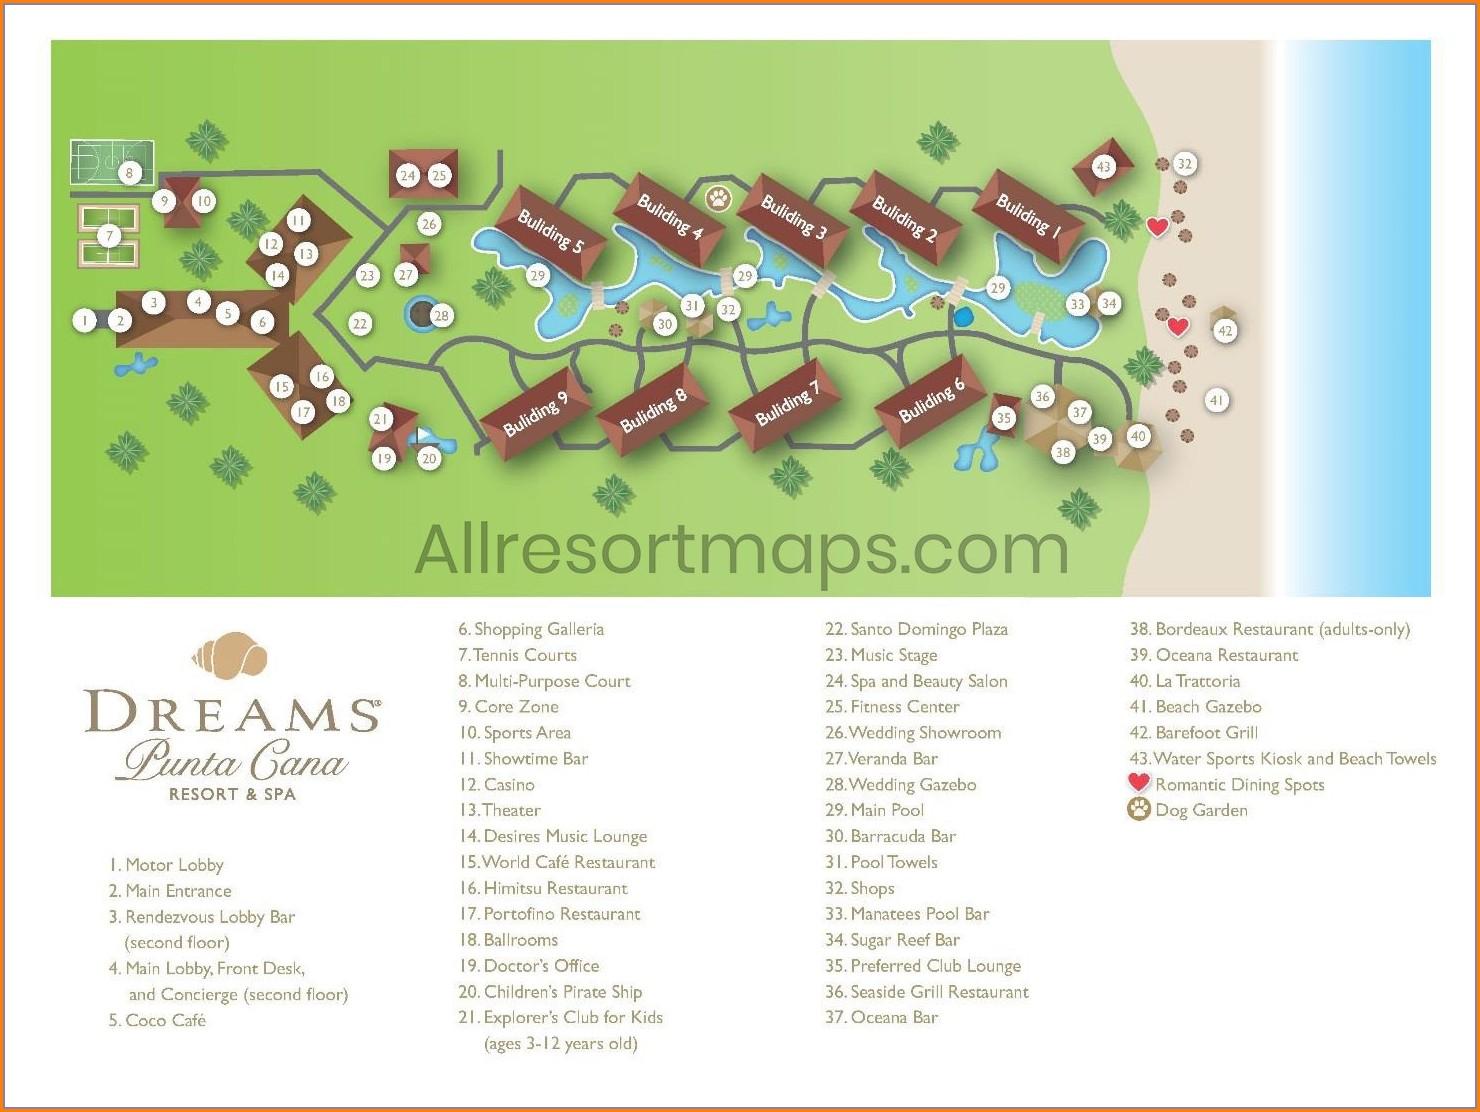 Dreams Palm Beach Punta Cana Map